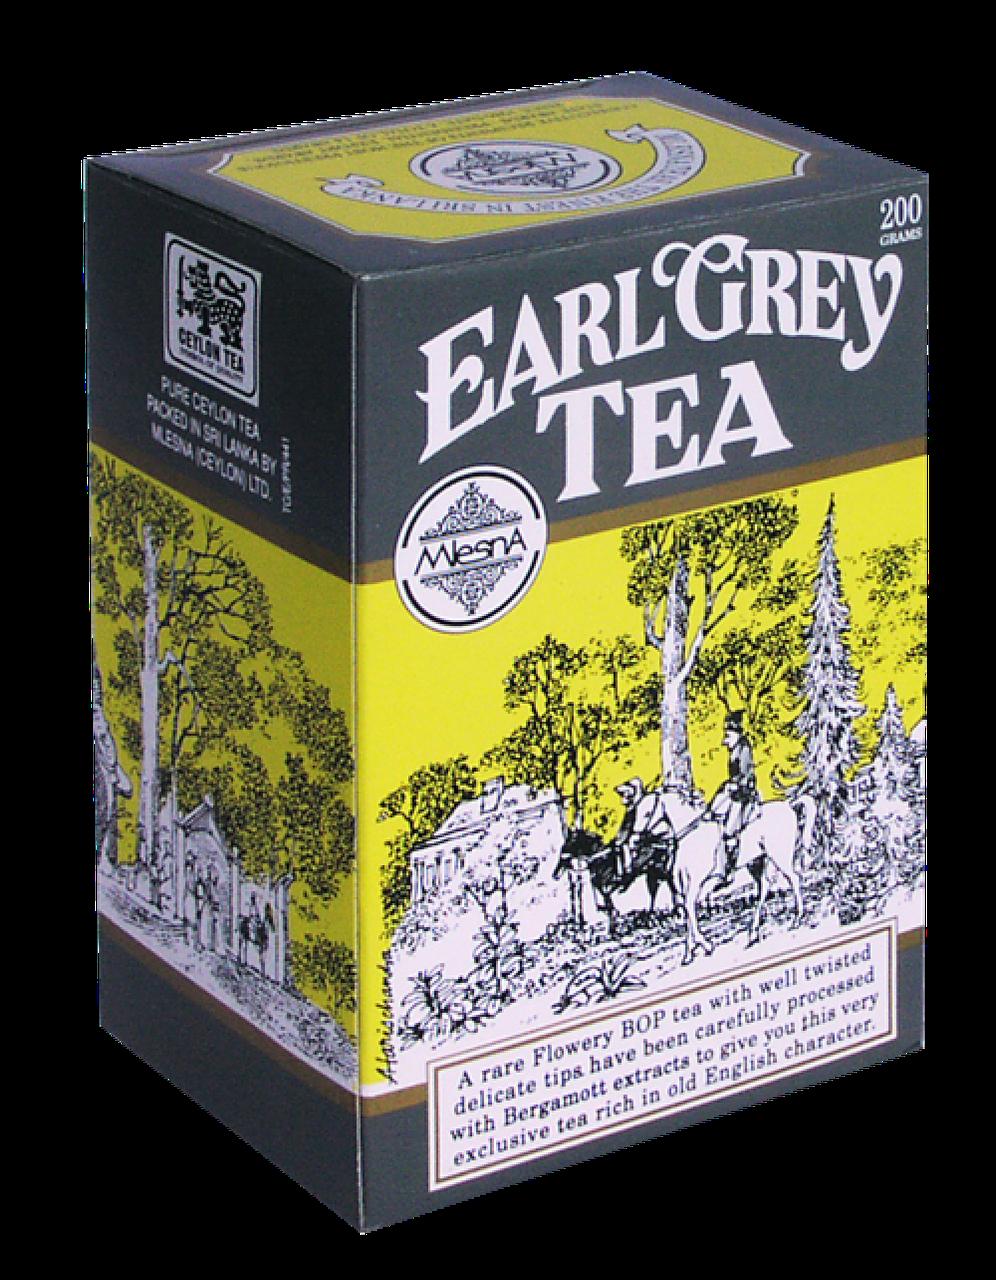 Черный чай Эрл Грей с ароматом бергамота, EARL GREY BLACK TEA, Млесна (Mlesna) 100г.